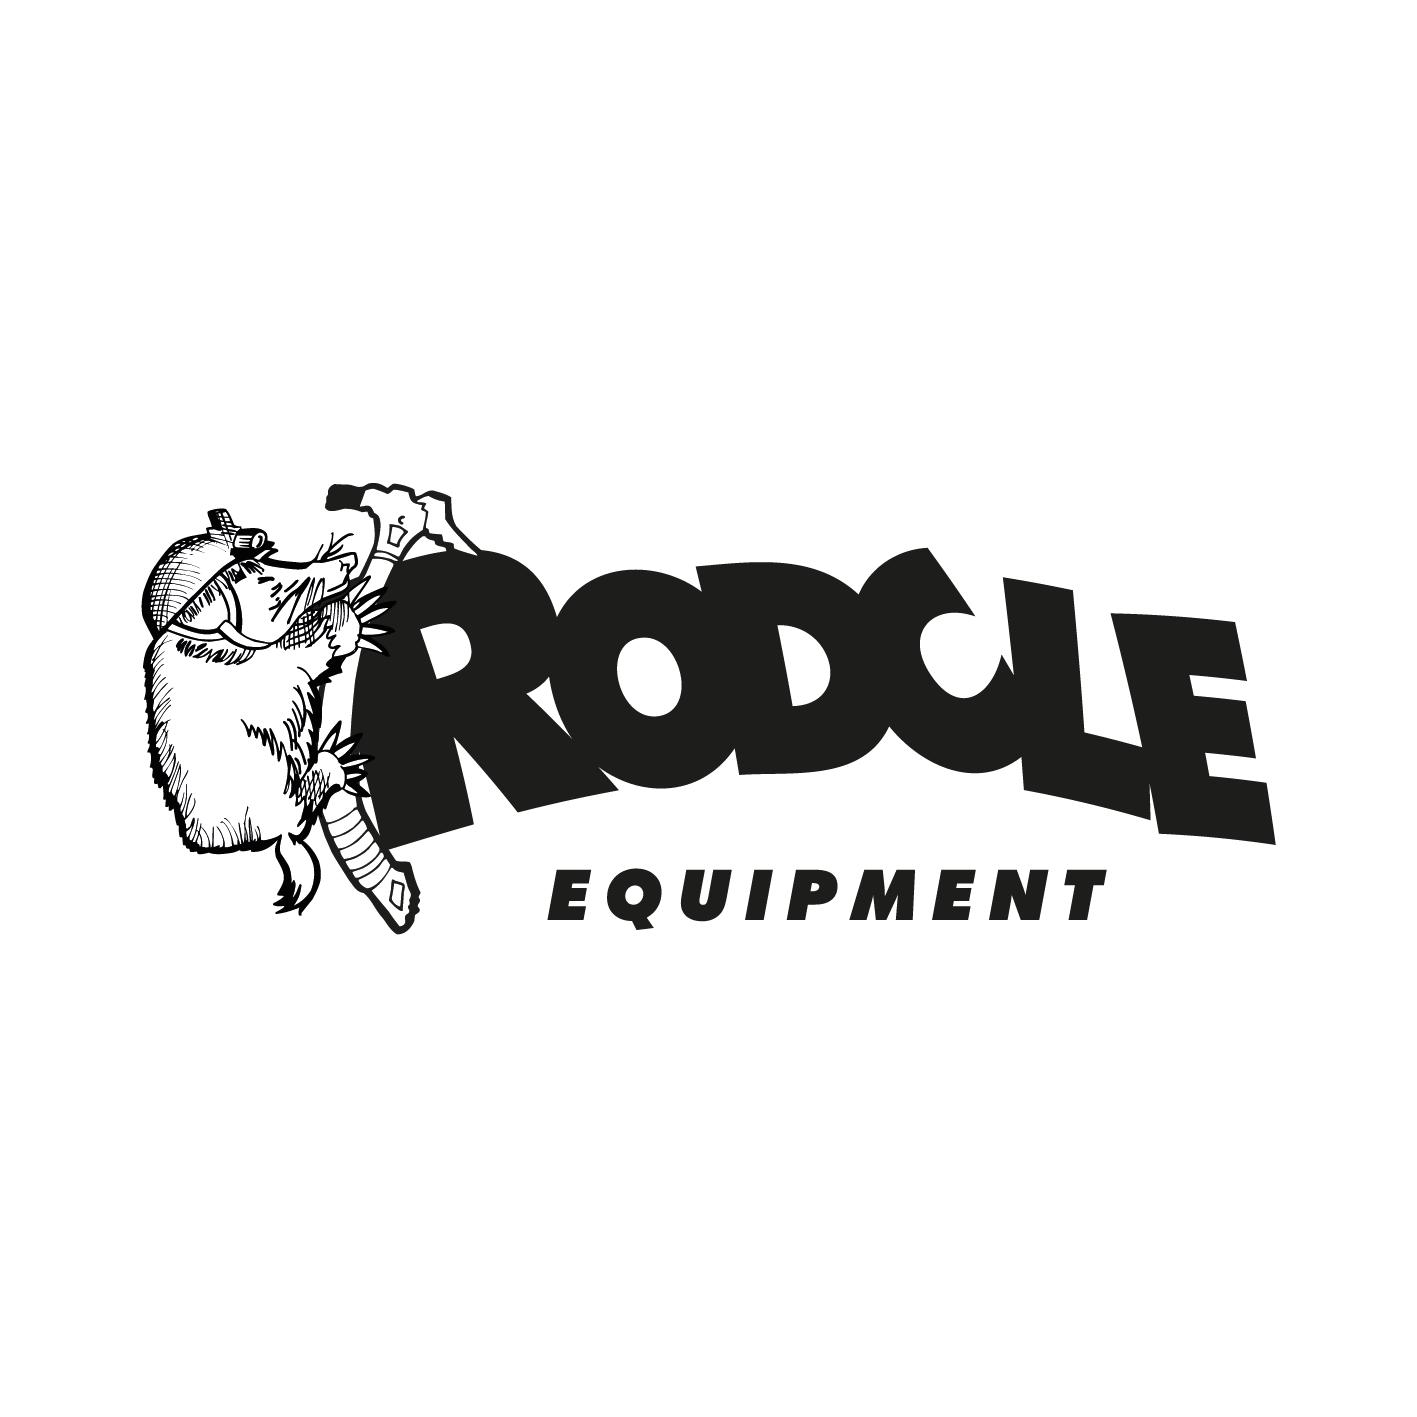 Rodcle